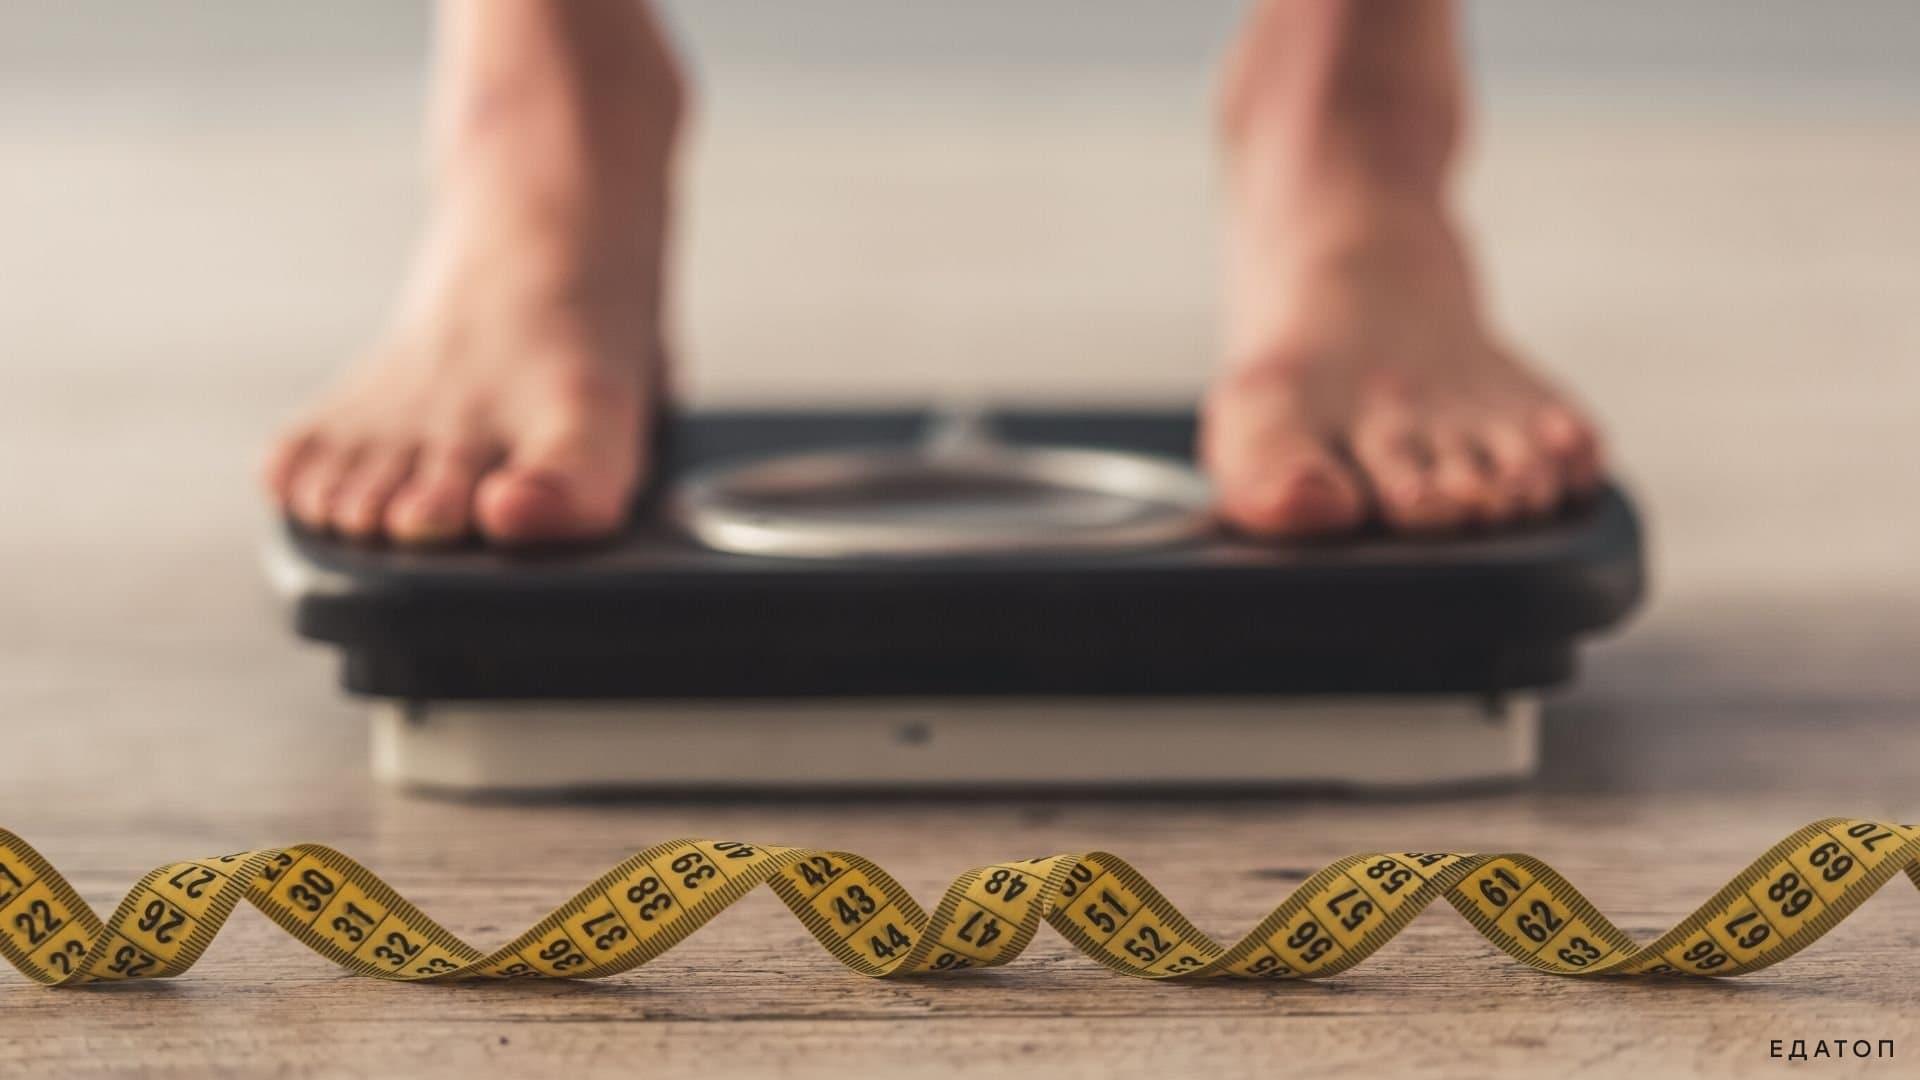 Химическая диета позволяет за месяц избавиться от 20-30 кг лишнего веса.